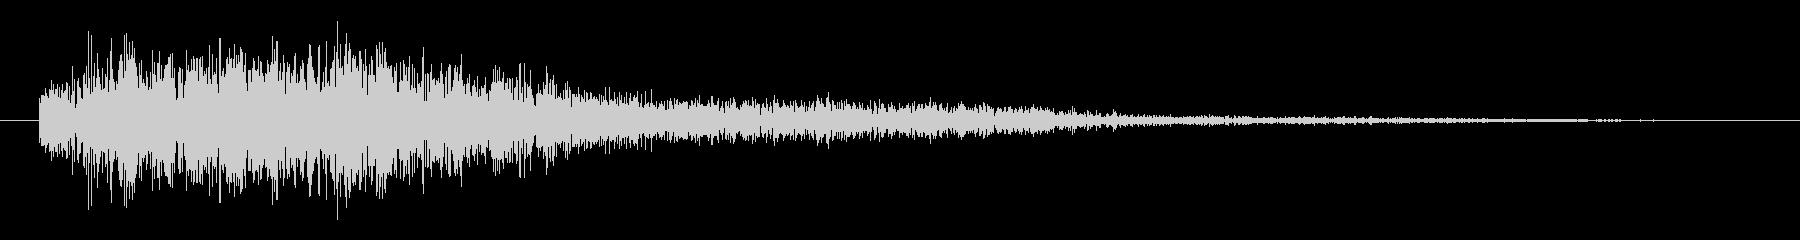 電子音 パラノイアの未再生の波形